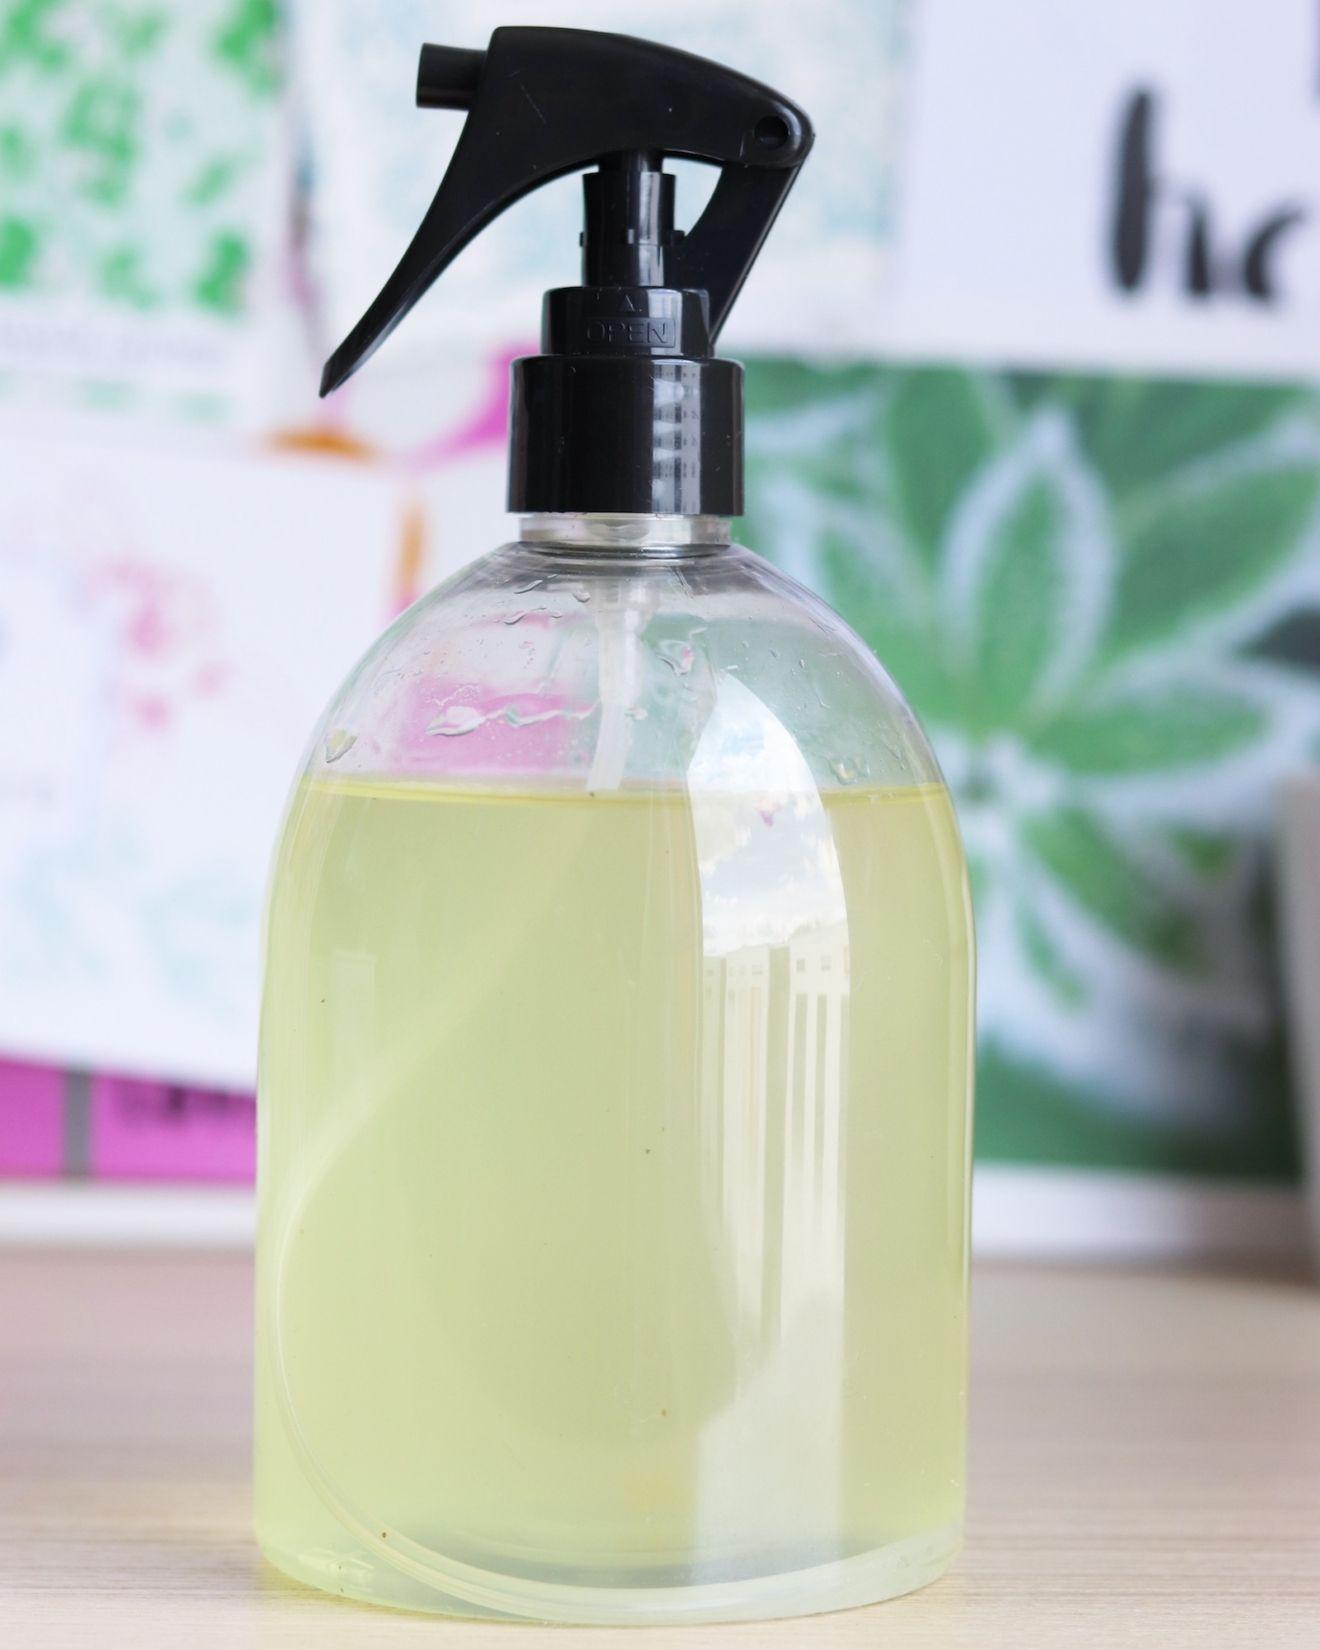 Mon spray nettoyant multi usages maison avec images - Produit nettoyage facade maison ...